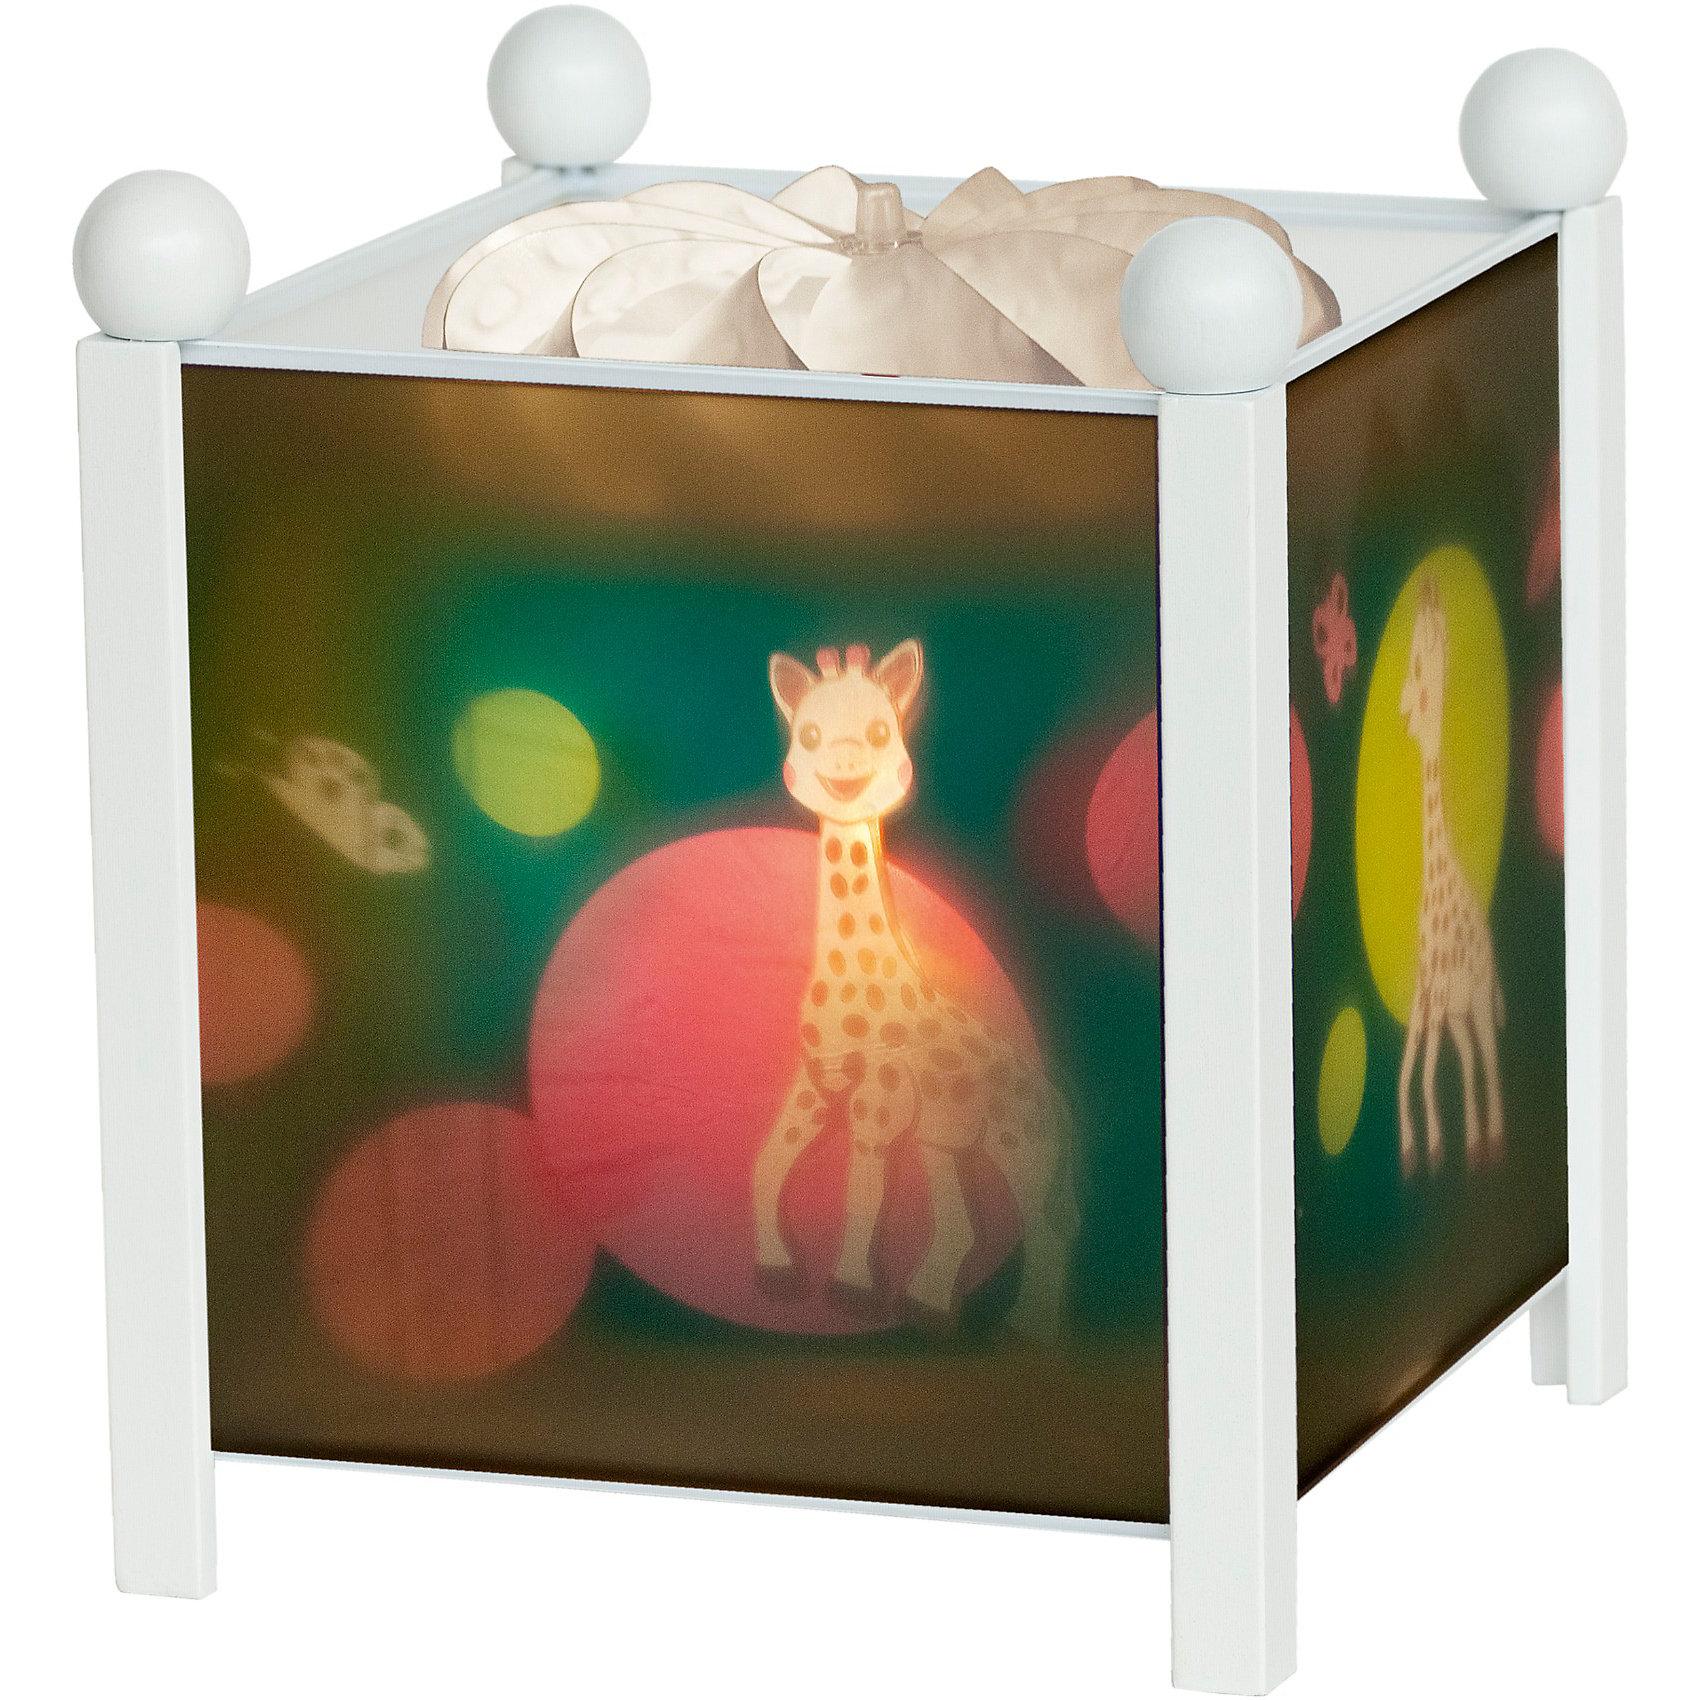 Светильник-ночник Жирафик Софи, 12V, TrousselierНочники и проекторы<br>Светильник-ночник Жирафик Софи, 12V, Trousselier сделан в виде симпатичной игрушки, которая делает приятным и уютным погружение в сладкий мир сновидений.<br><br>Он светится нежным мягким светом, не раздражающим глазки даже ночью. Внутрь светильника встроен специальный механизм, вращающий цилиндр ночника от тепла лампочки.  Ночник упакован в праздничную коробку, что дает возможность преподнести его в качестве подарка на праздник.<br><br>Дополнительная информация:<br><br>- Цилиндр ночника вращается благодаря  системе нагрева от лампочки 12 V 20 W, розетка E 14.C. <br>- Размер: 16,50 см x 19 см. <br>- Материал: металлический корпус, деревянные ножки и углы, пластиковый, жароустойчивый цилиндр.<br>- Вес: 1037 г<br>- Поставляется в подарочной упаковке.<br>Соответствует нормам безопасности: CE EN 60598-2-10<br><br>Светильник-ночник Жирафик Софи, 12V, Trousselier можно купить в нашем магазине.<br><br>Ширина мм: 160<br>Глубина мм: 160<br>Высота мм: 190<br>Вес г: 1037<br>Возраст от месяцев: 36<br>Возраст до месяцев: 144<br>Пол: Унисекс<br>Возраст: Детский<br>SKU: 3807747